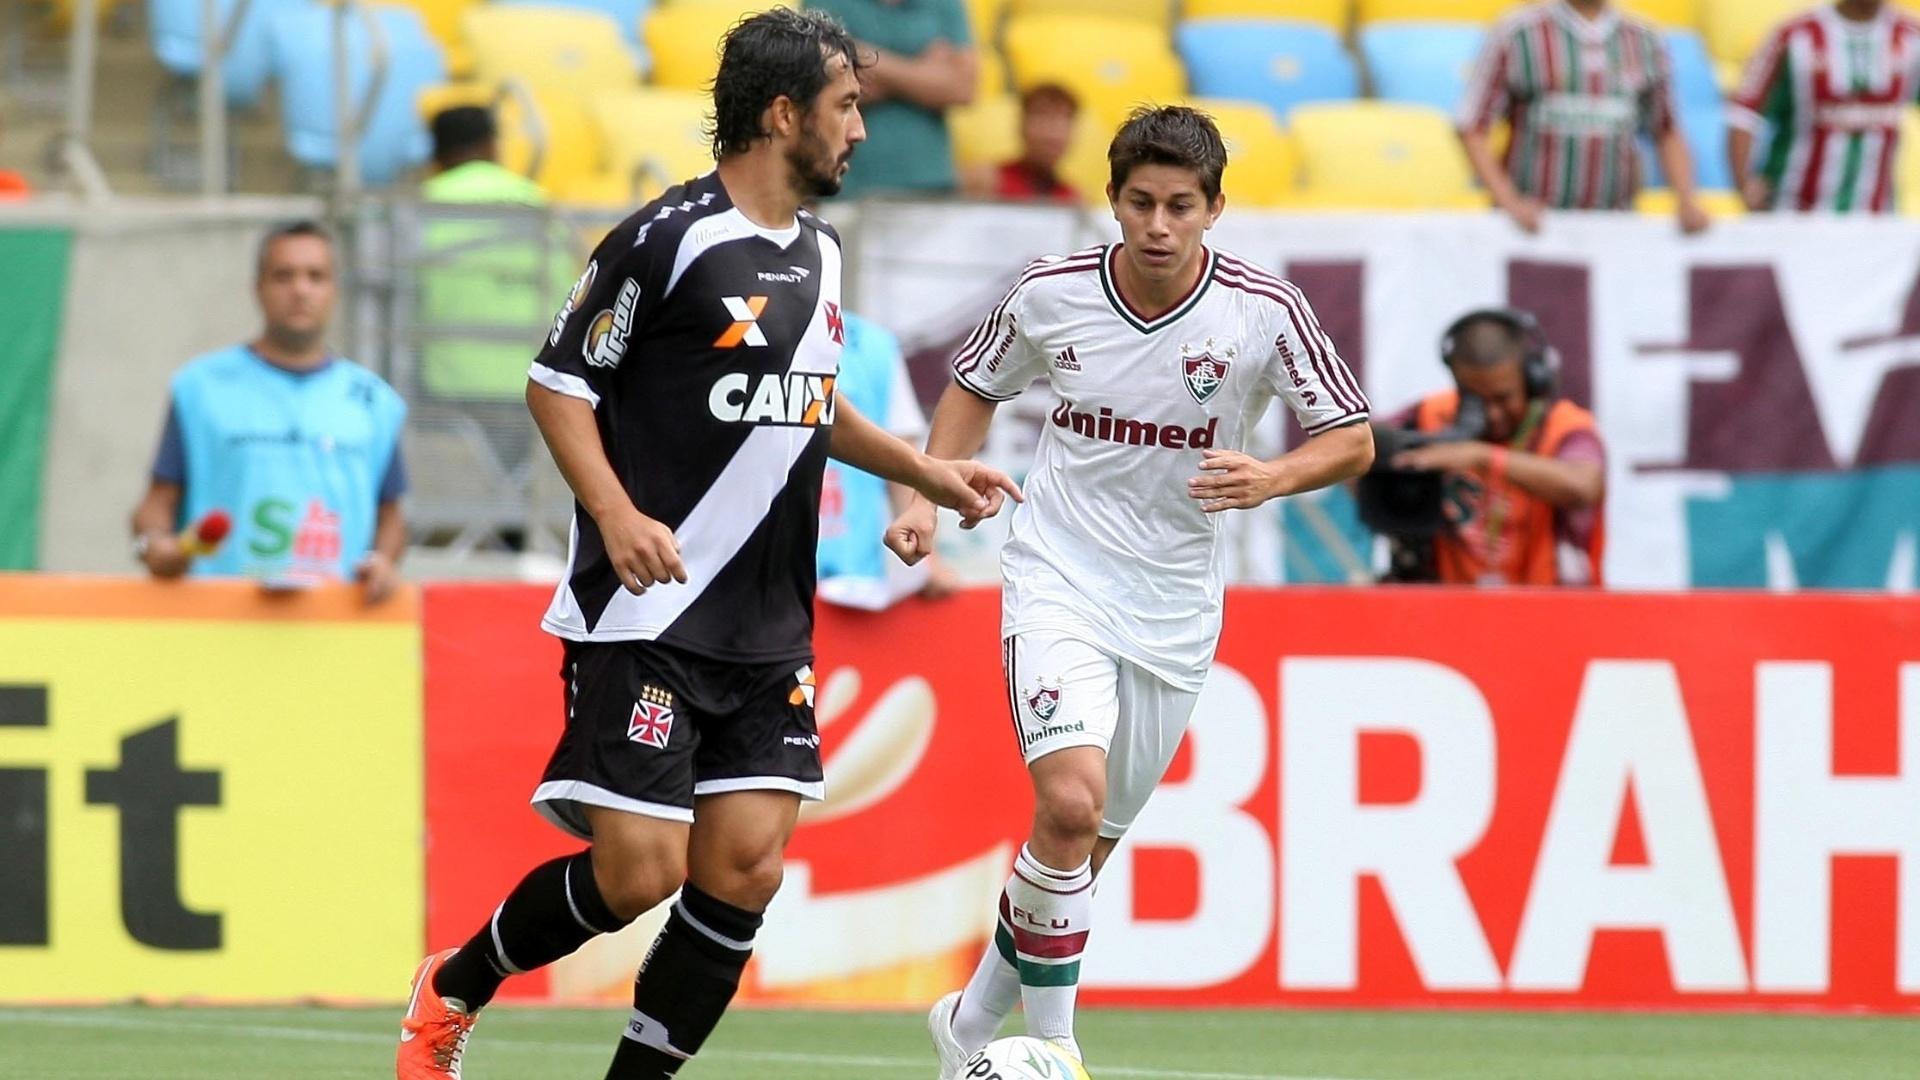 30.mar.2014 - Douglas (esq.) e Conca disputam lance da partida entre Fluminense e Vasco pela semifinal do Campeonato Carioca